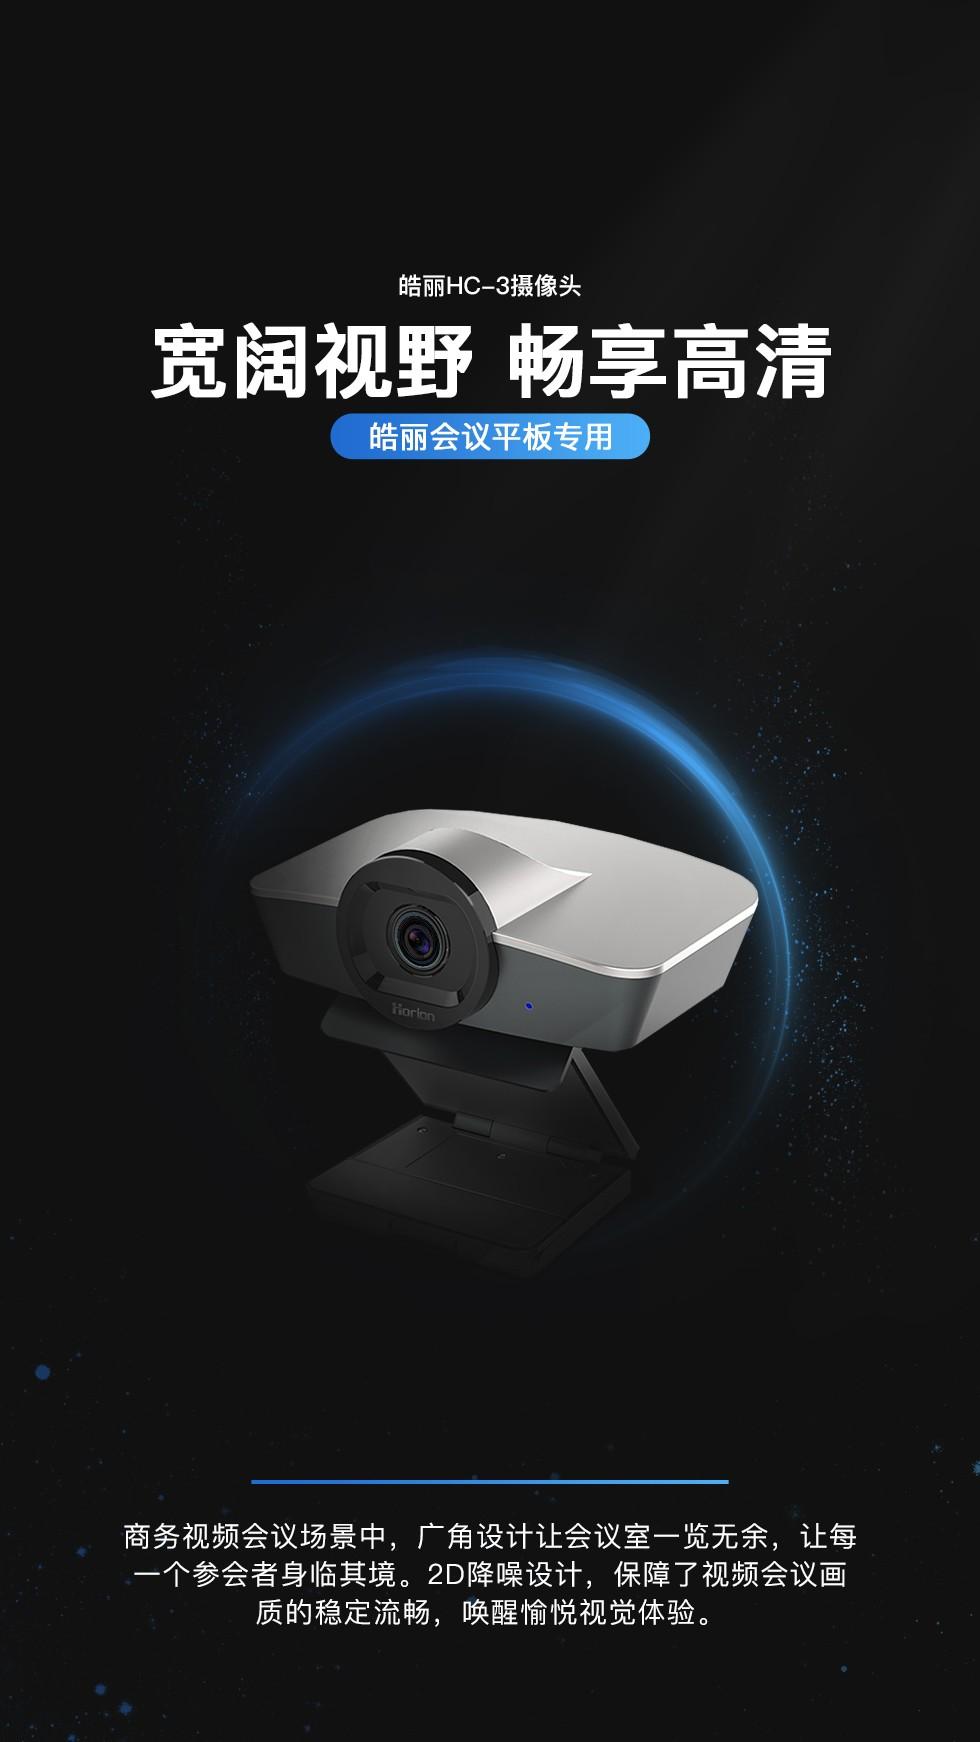 博亚体育博亚体育专用摄像头 博亚体育HC-3摄像头